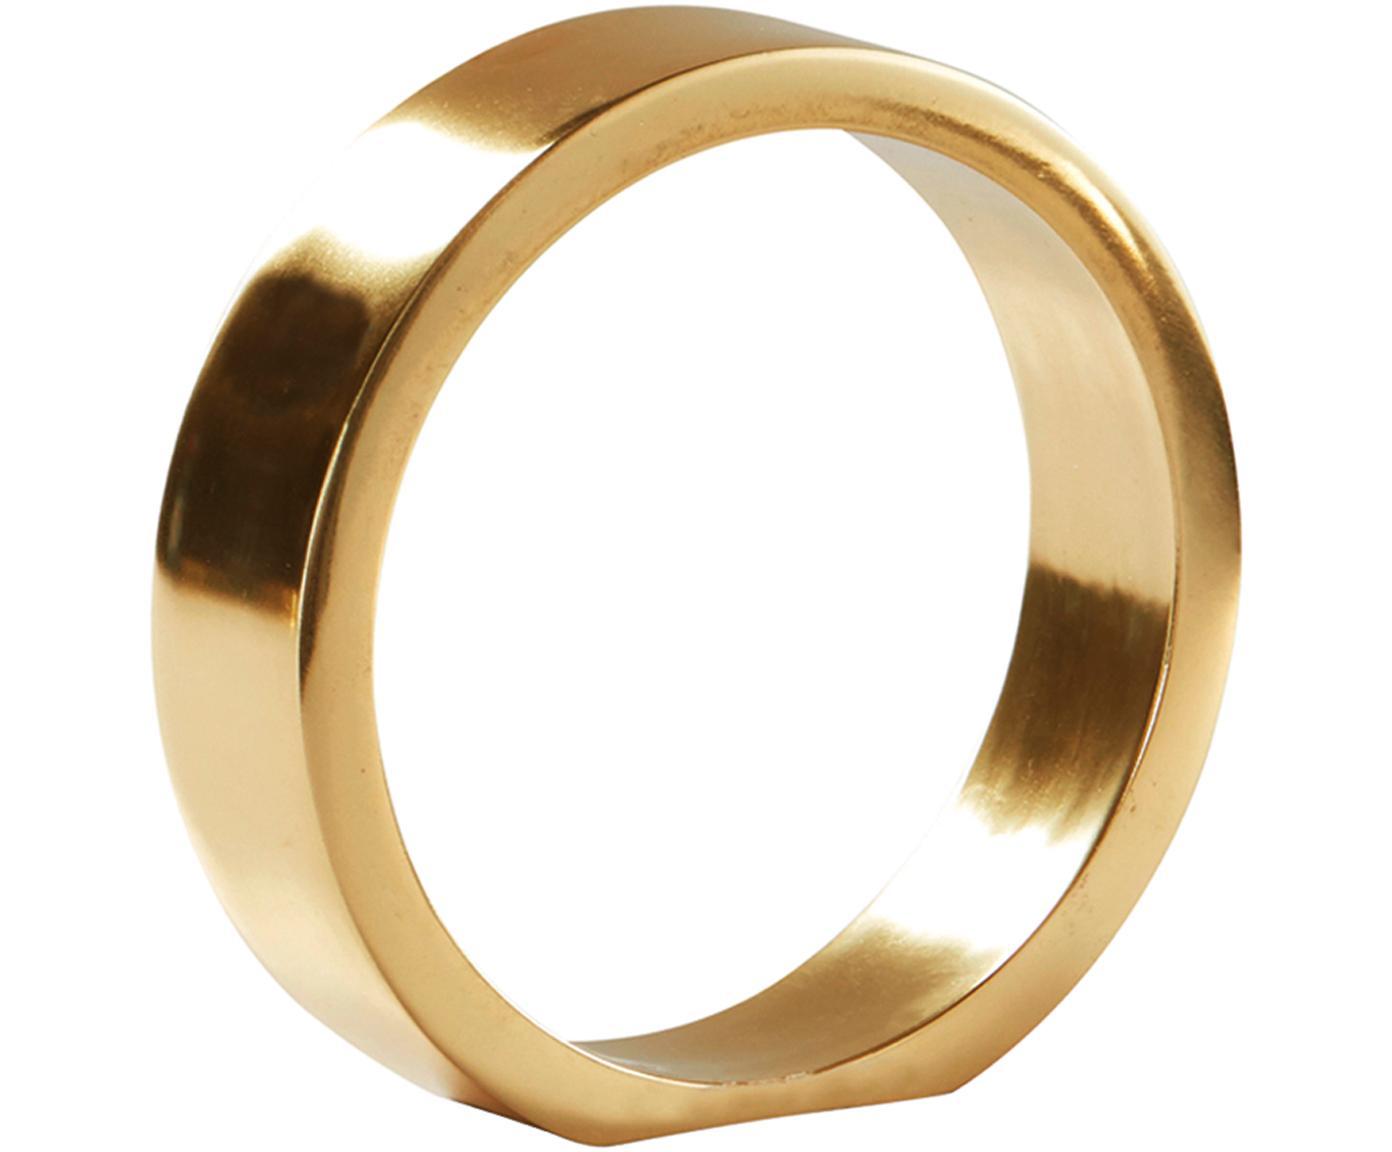 Pieza decorativa The Ring, Metal recubierto, Dorado, Ø 14 x Al 14 cm